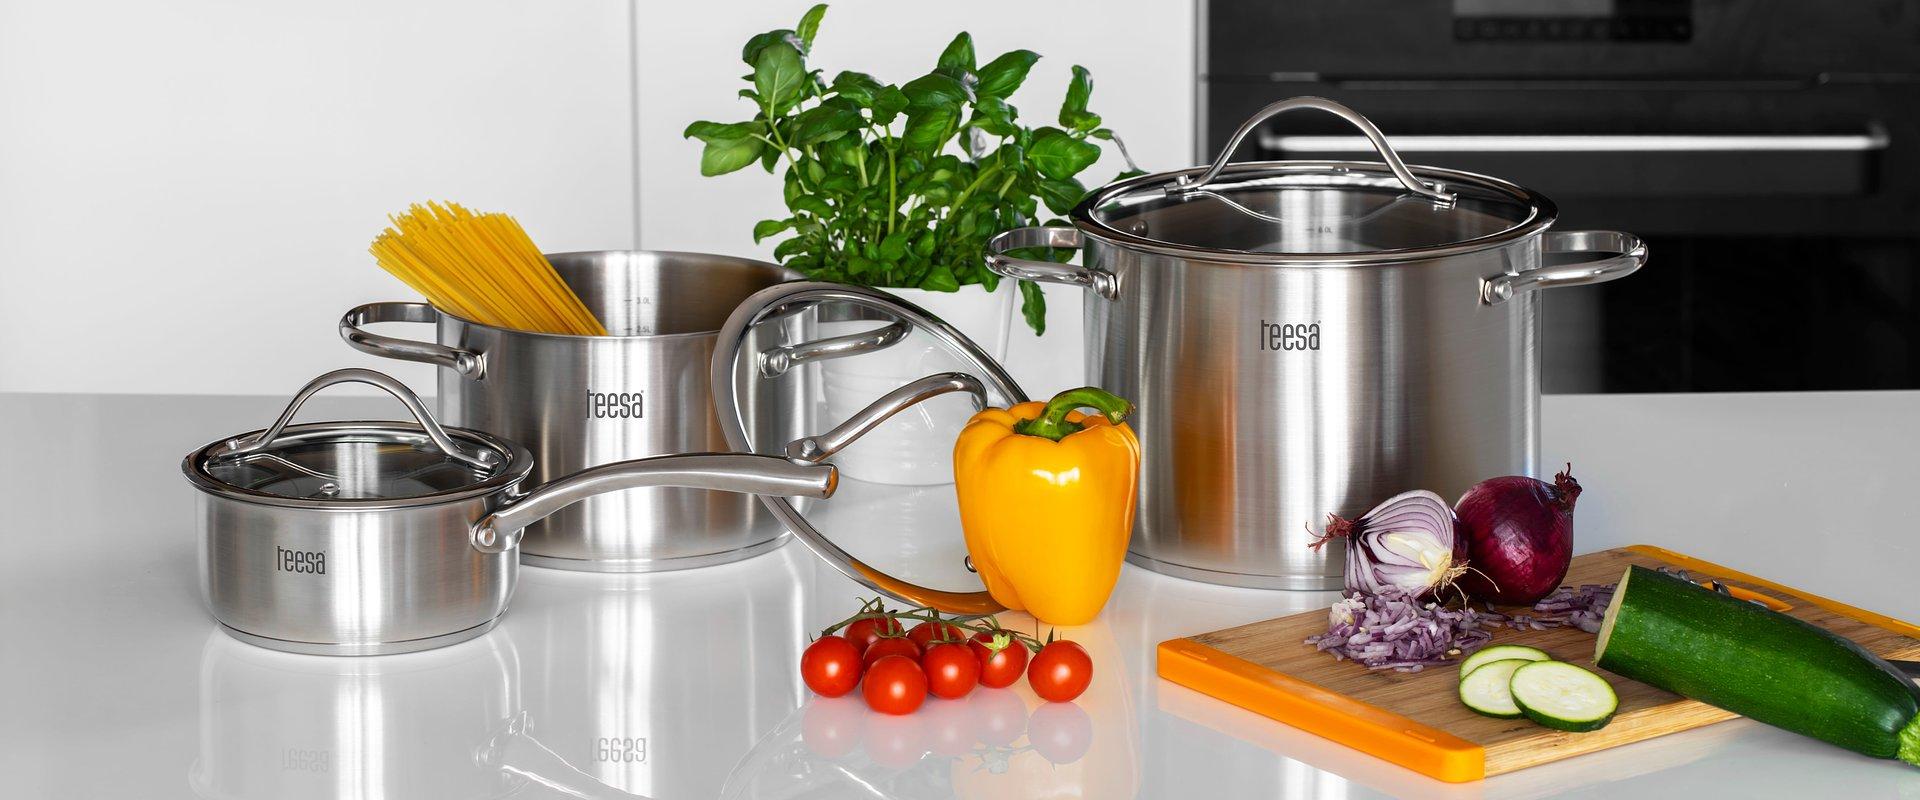 Teesa wprowadza do oferty garnki i akcesoria kuchenne ze stali nierdzewnej